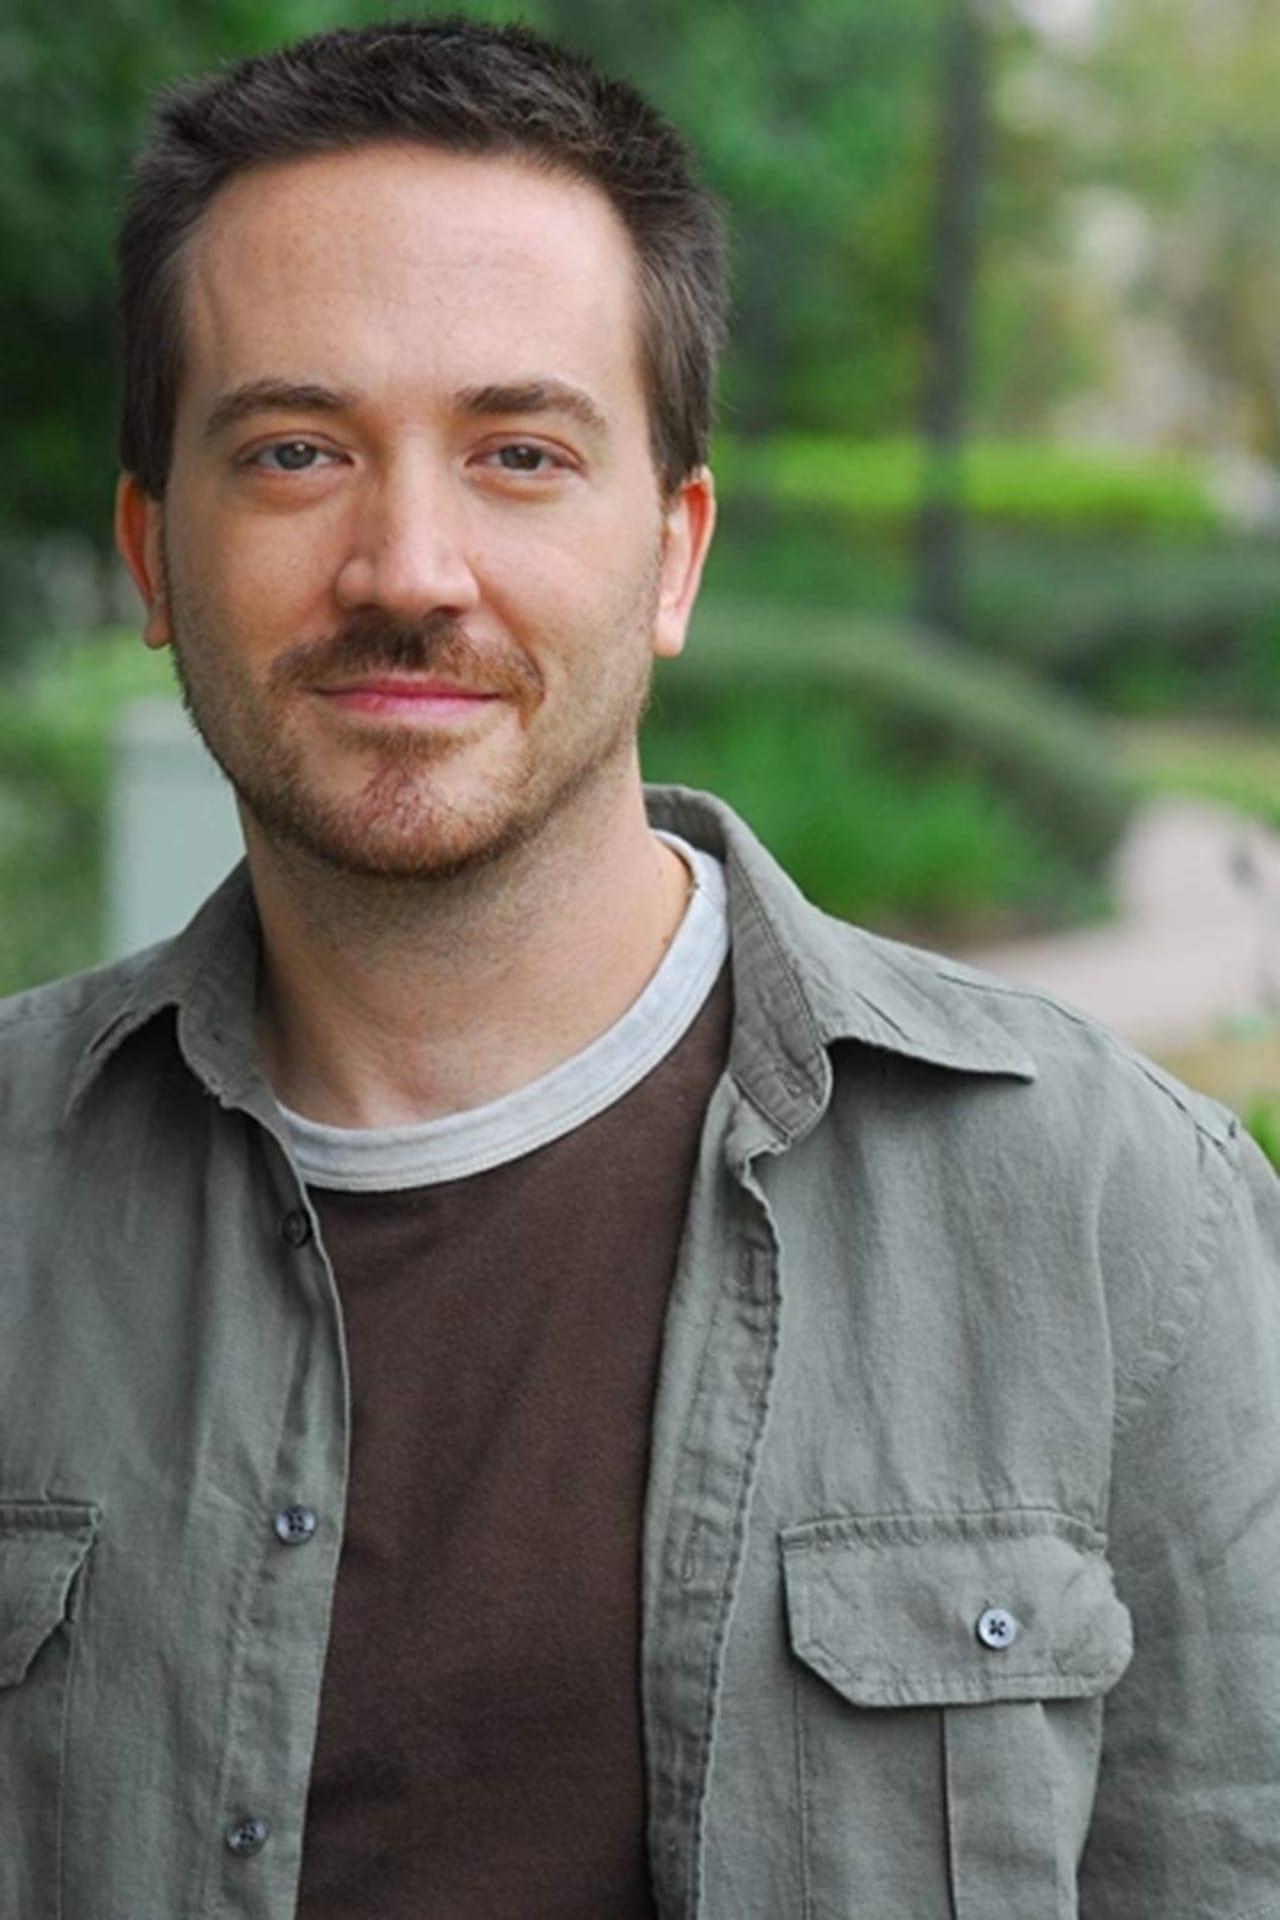 Brian Schaeffer